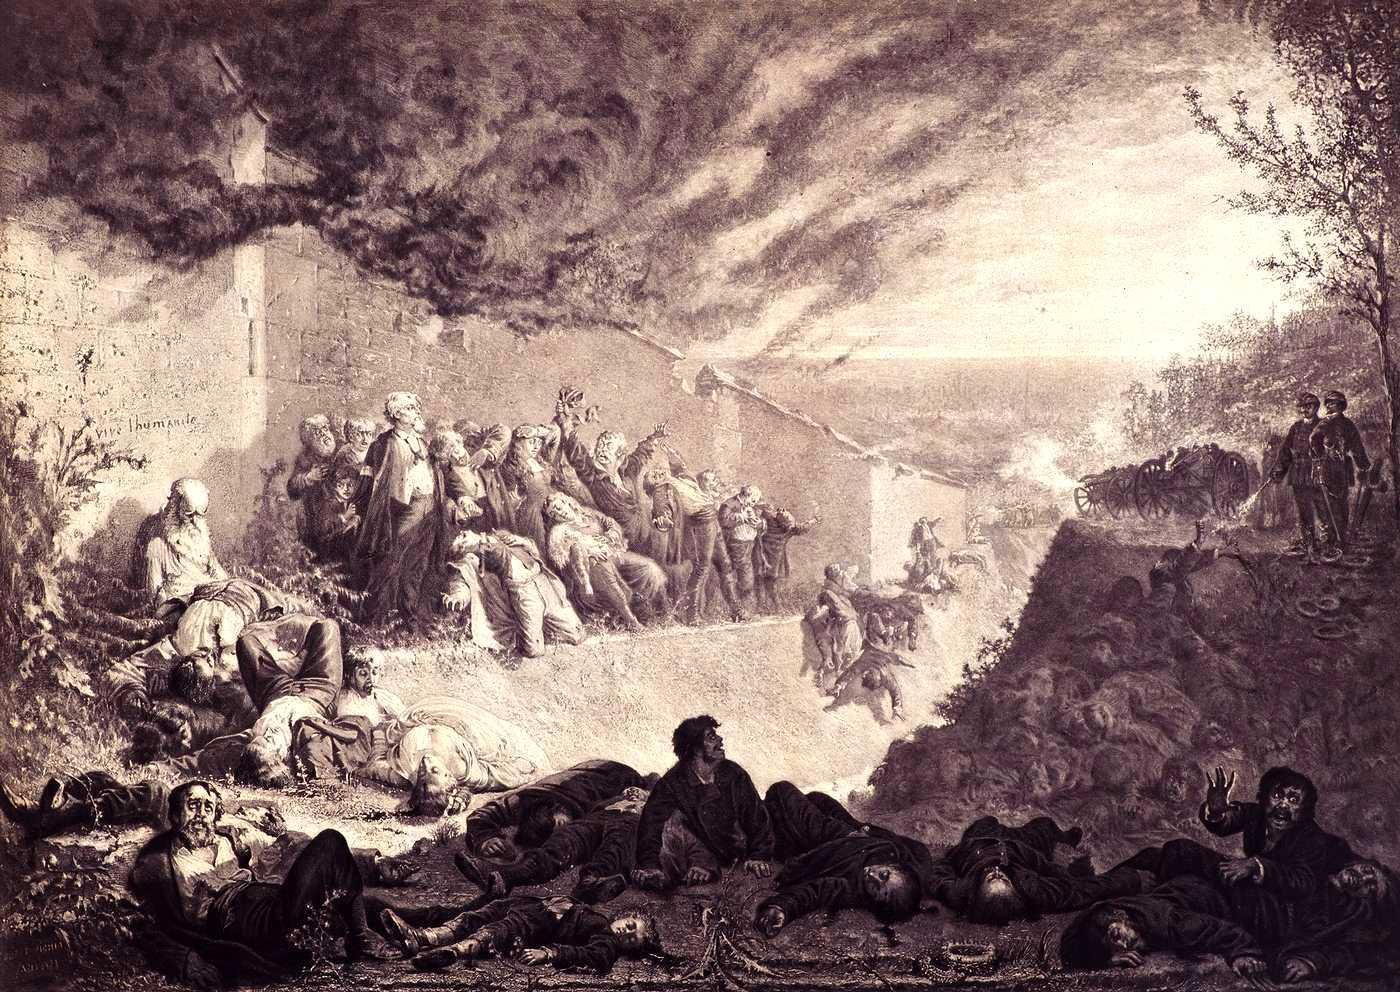 """Ernest Pichio: """"Le triomphe de l'ordre"""" (1877)"""